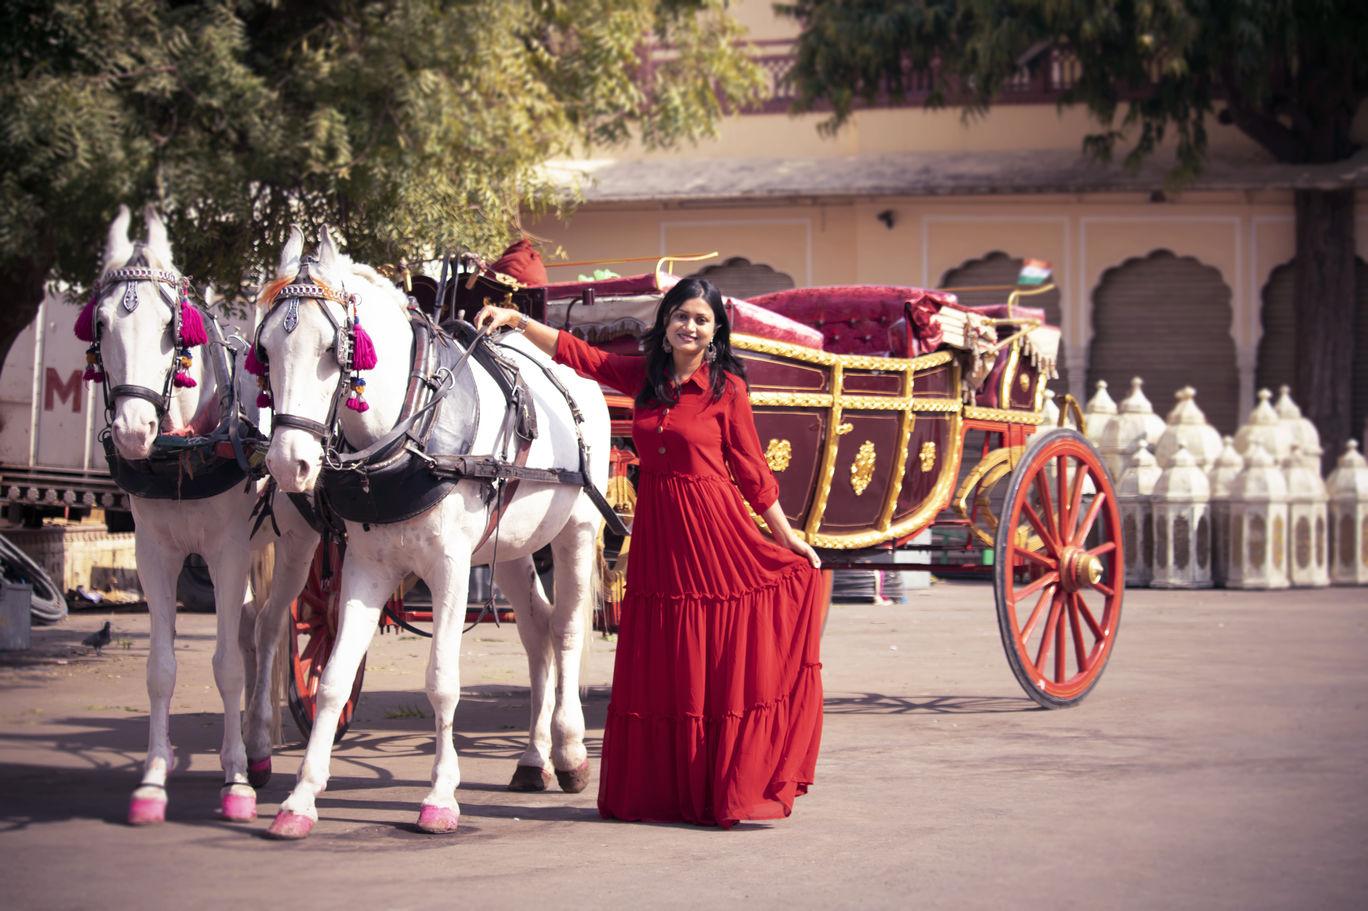 Photo of Rajasthan By Ritesh Kumar Gupta